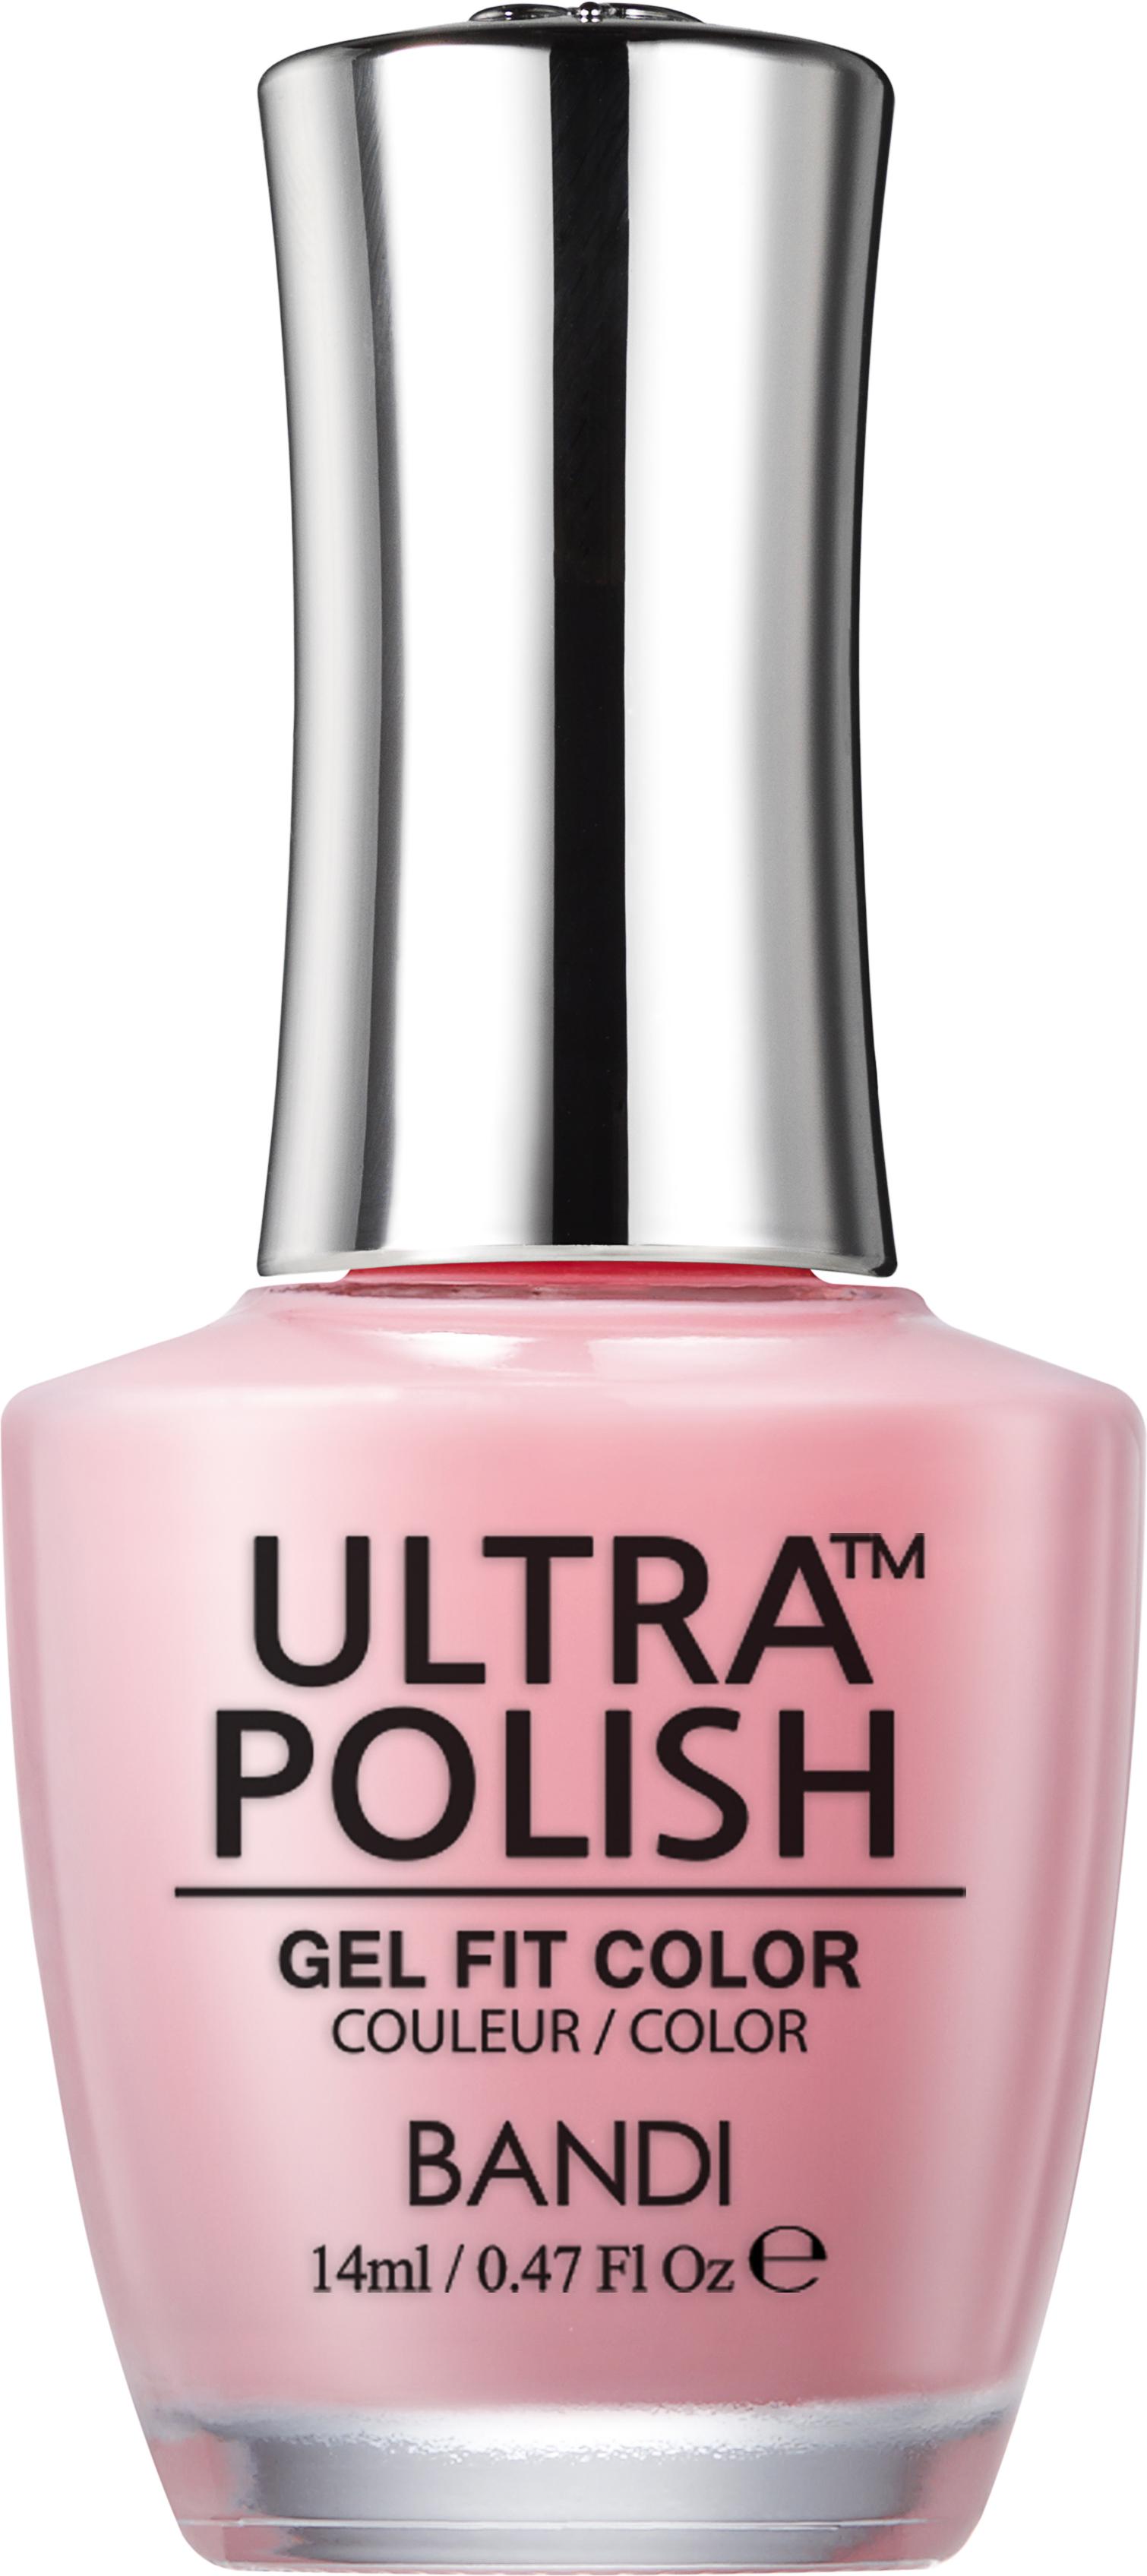 Купить BANDI UP107 ультра-покрытие долговременное цветное для ногтей / ULTRA POLISH GEL FIT COLOR 14 мл, Розовые